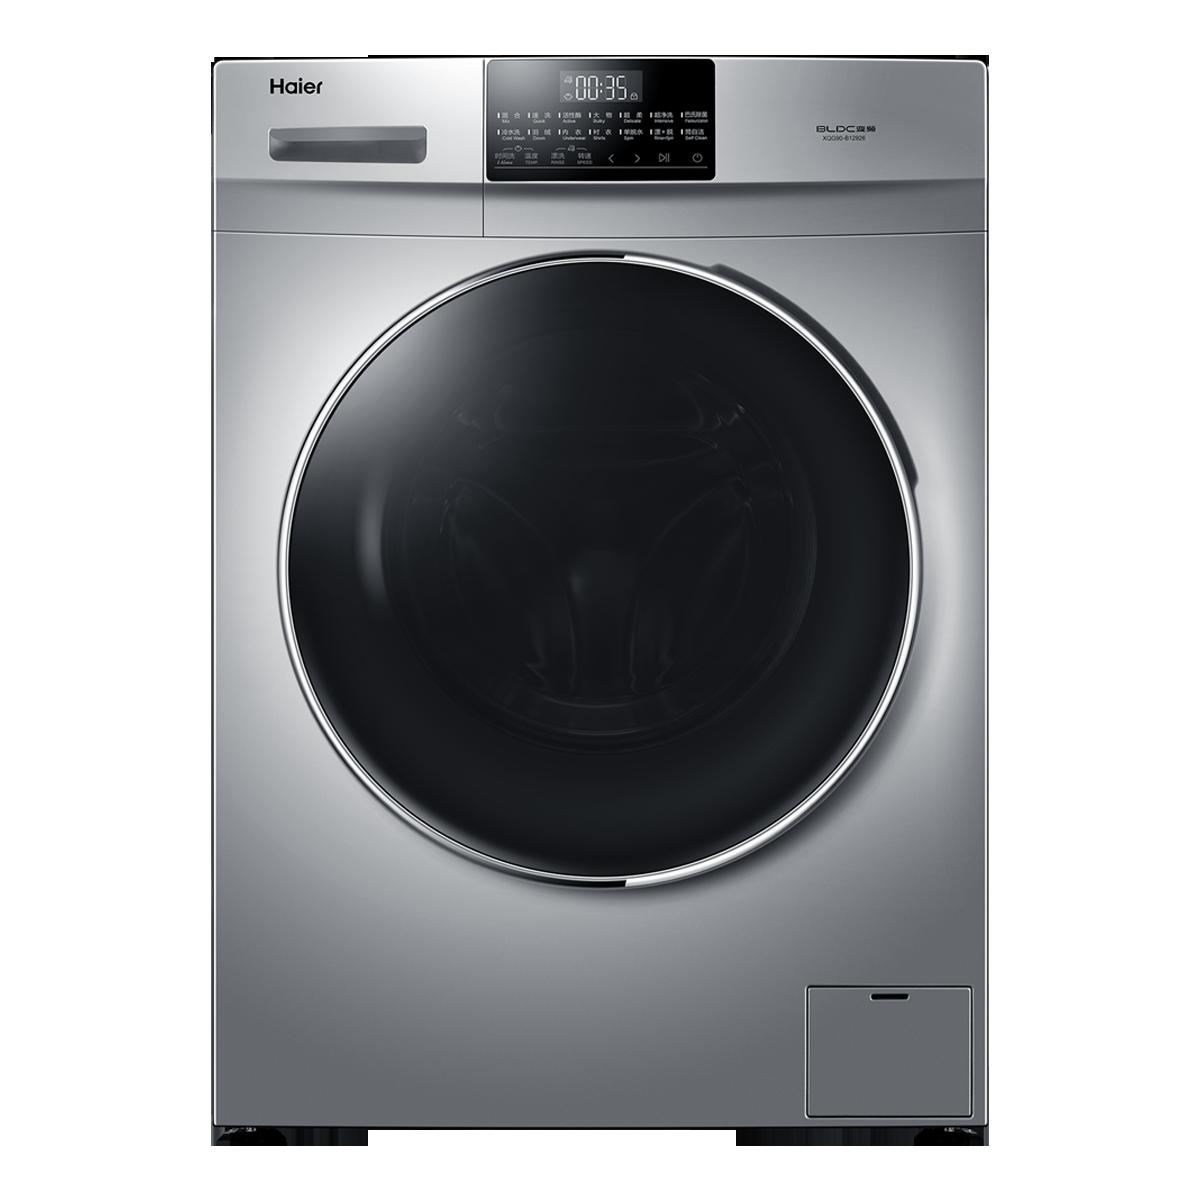 海尔Haier洗衣机 XQG90-B12926 说明书